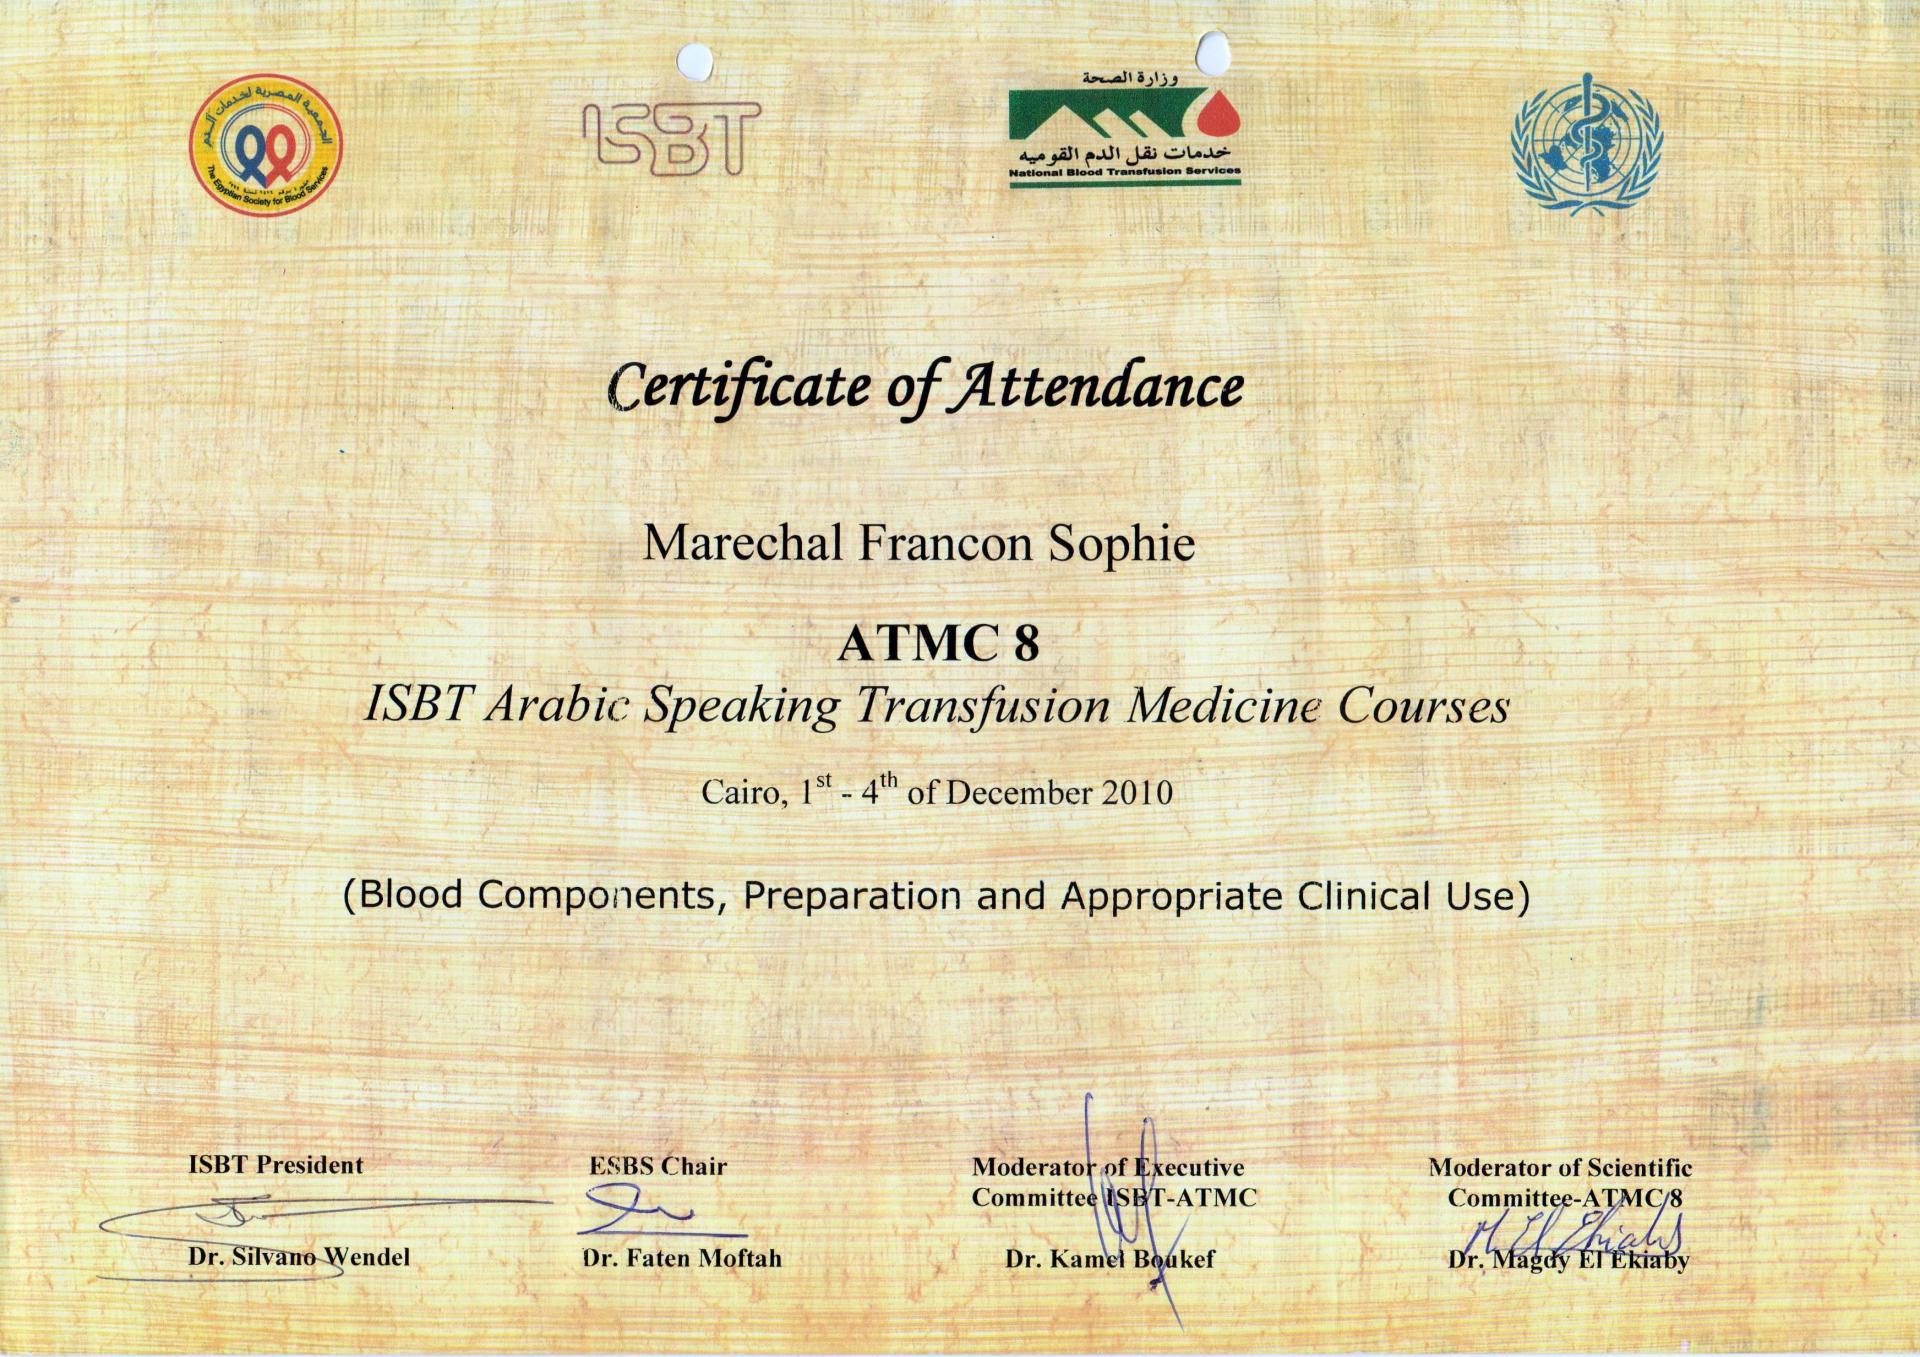 Certif attendance atmc8 cairo 001